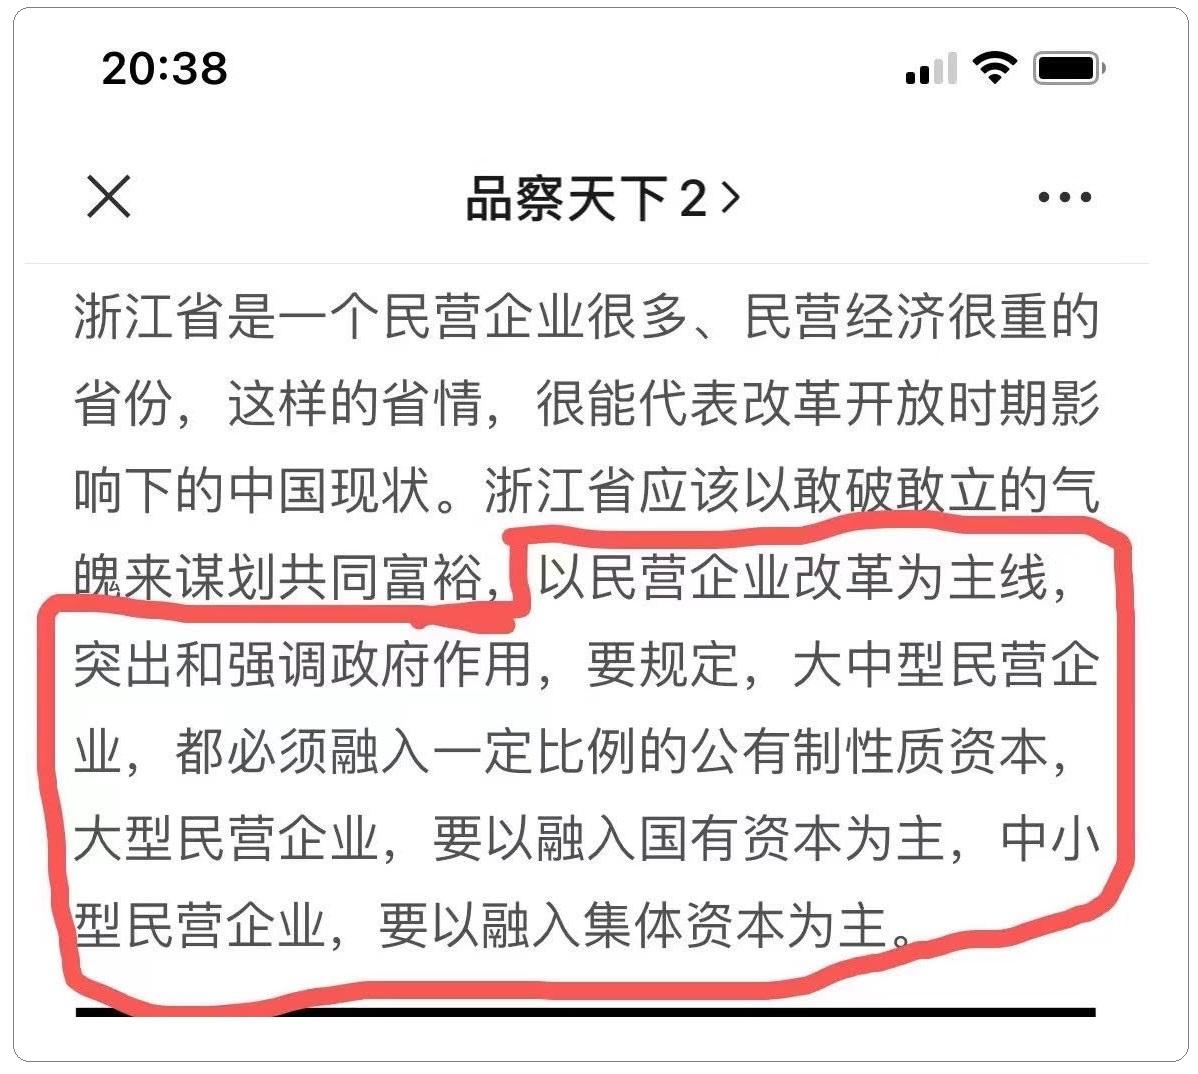 民营企业最多的浙江省,面临国资涌入。(网络截图)